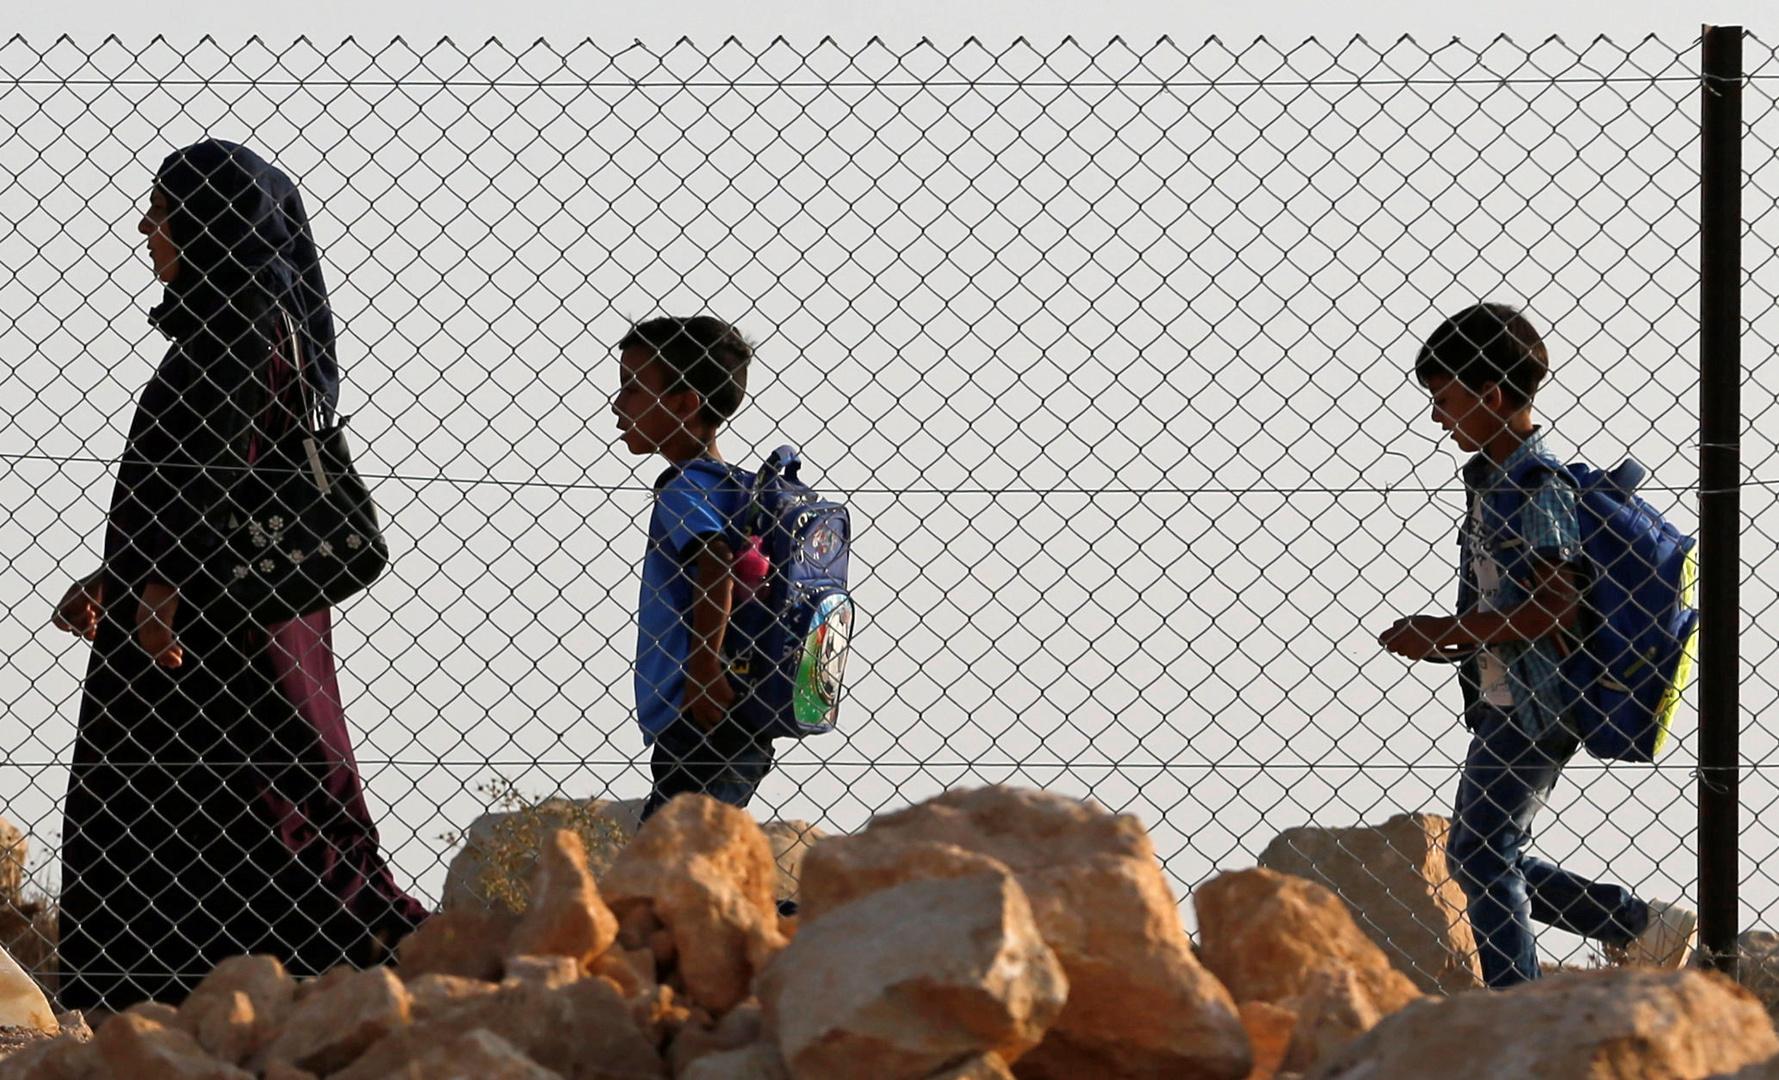 فلسطين.. 63% من الأسر ستعجز عن تغطية نفقاتها إذا أعيدت إغلاقات كورونا